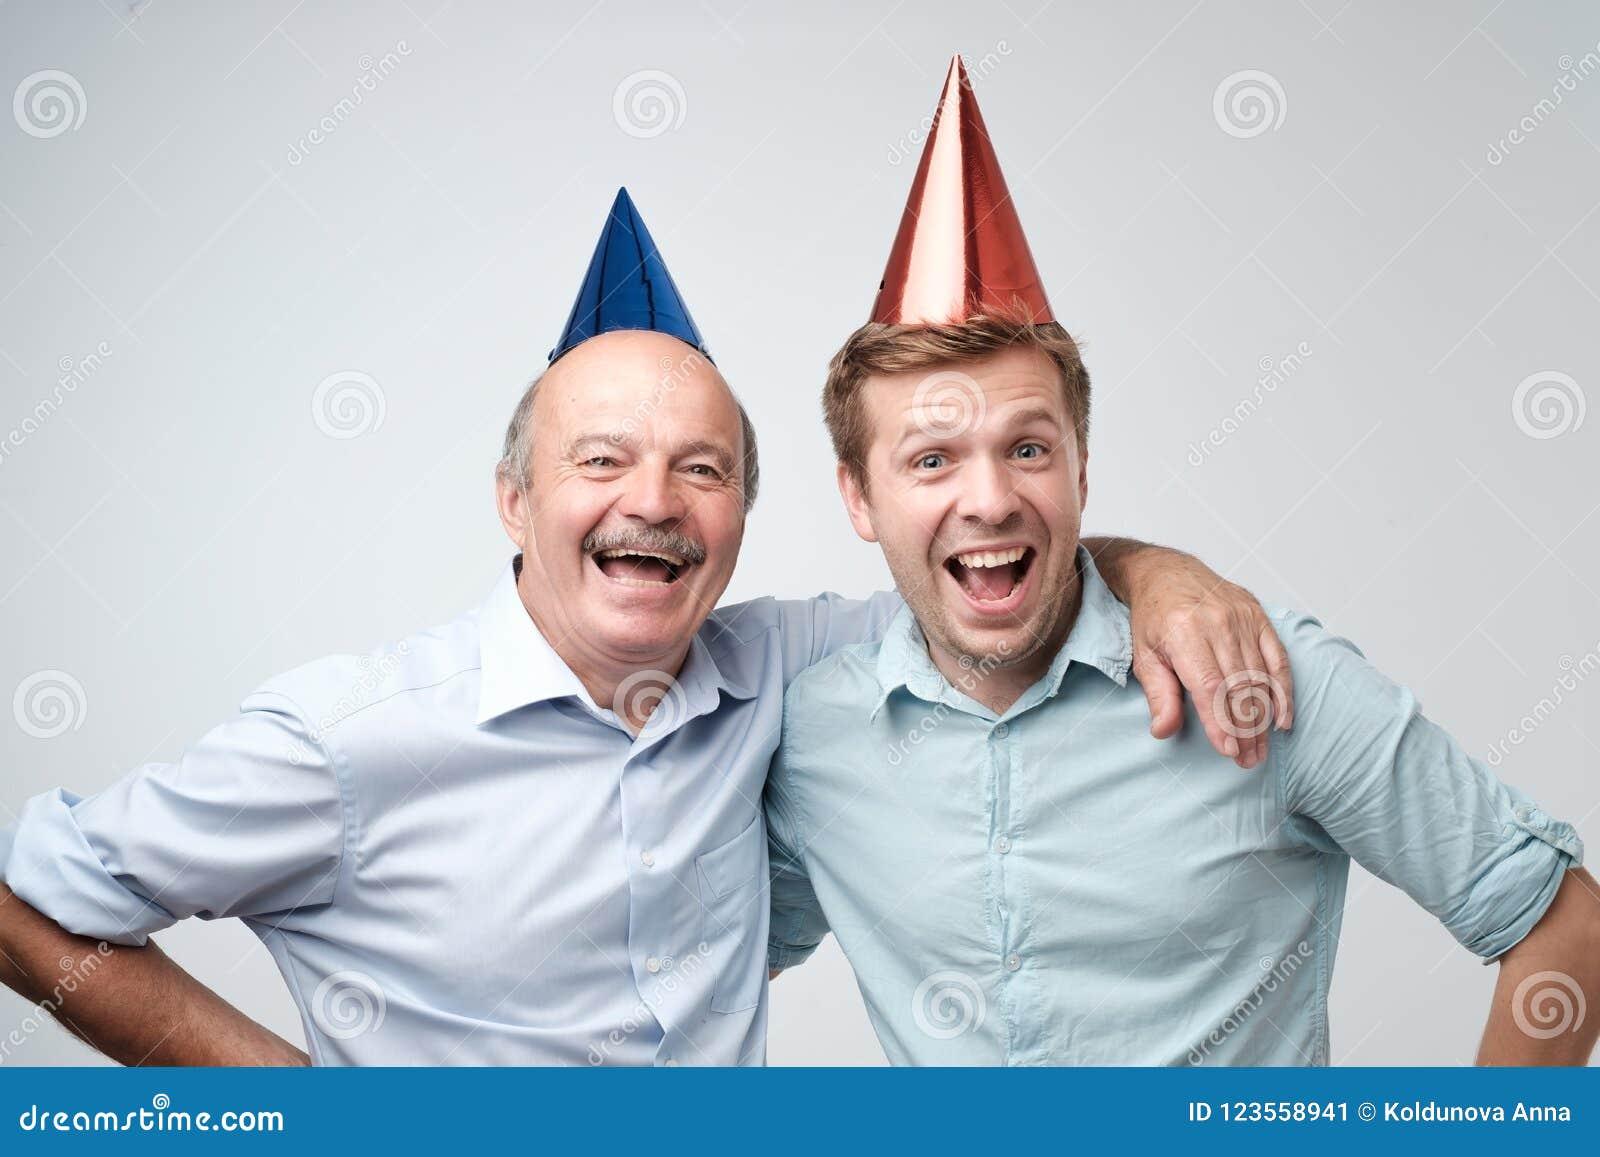 Homme mûr et son jeune fils célébrant le joyeux anniversaire utilisant les chapeaux drôles